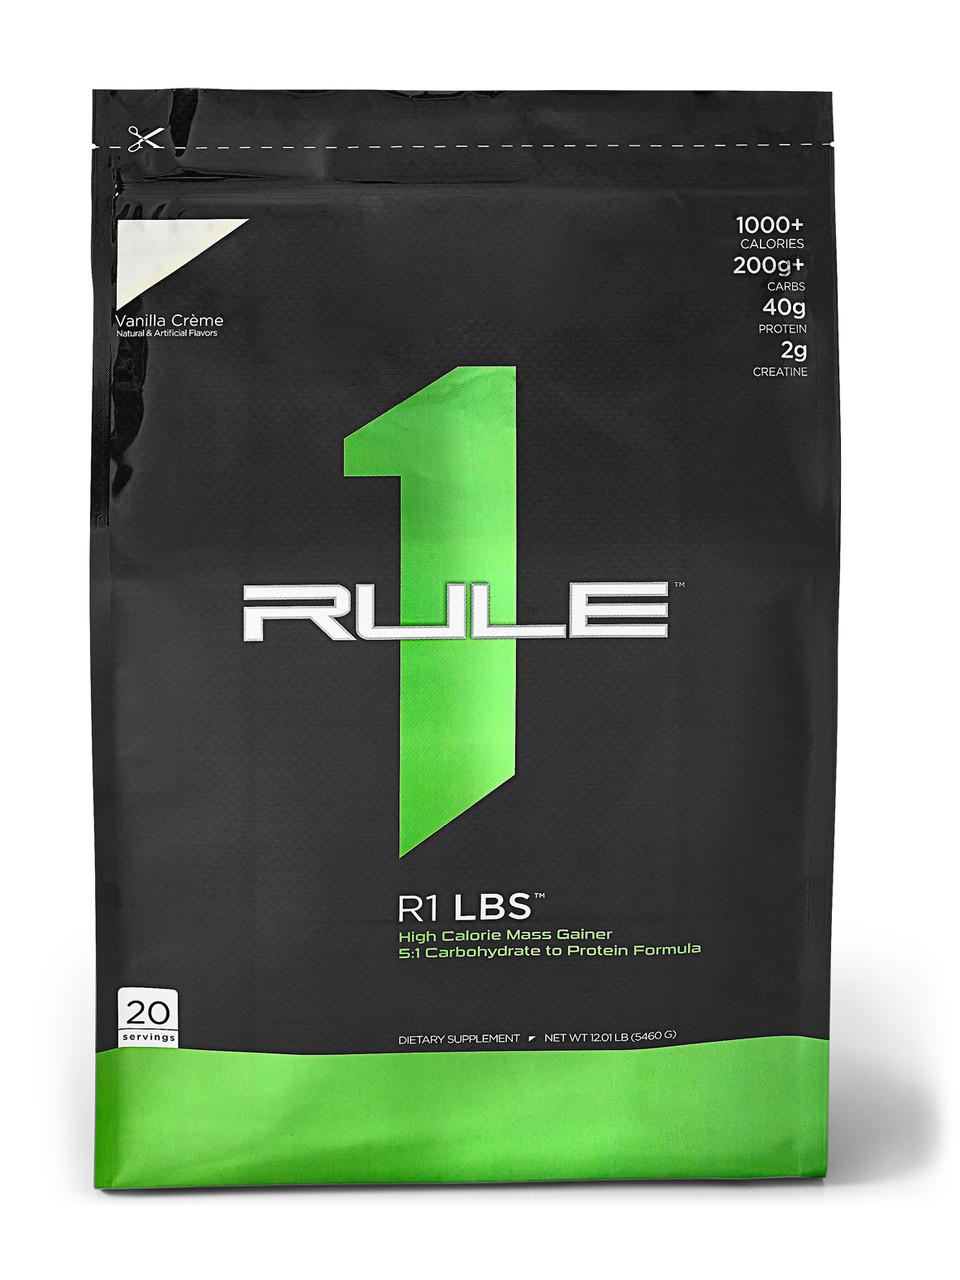 R1_LBS 5,5 кг - Chocolate Fudge